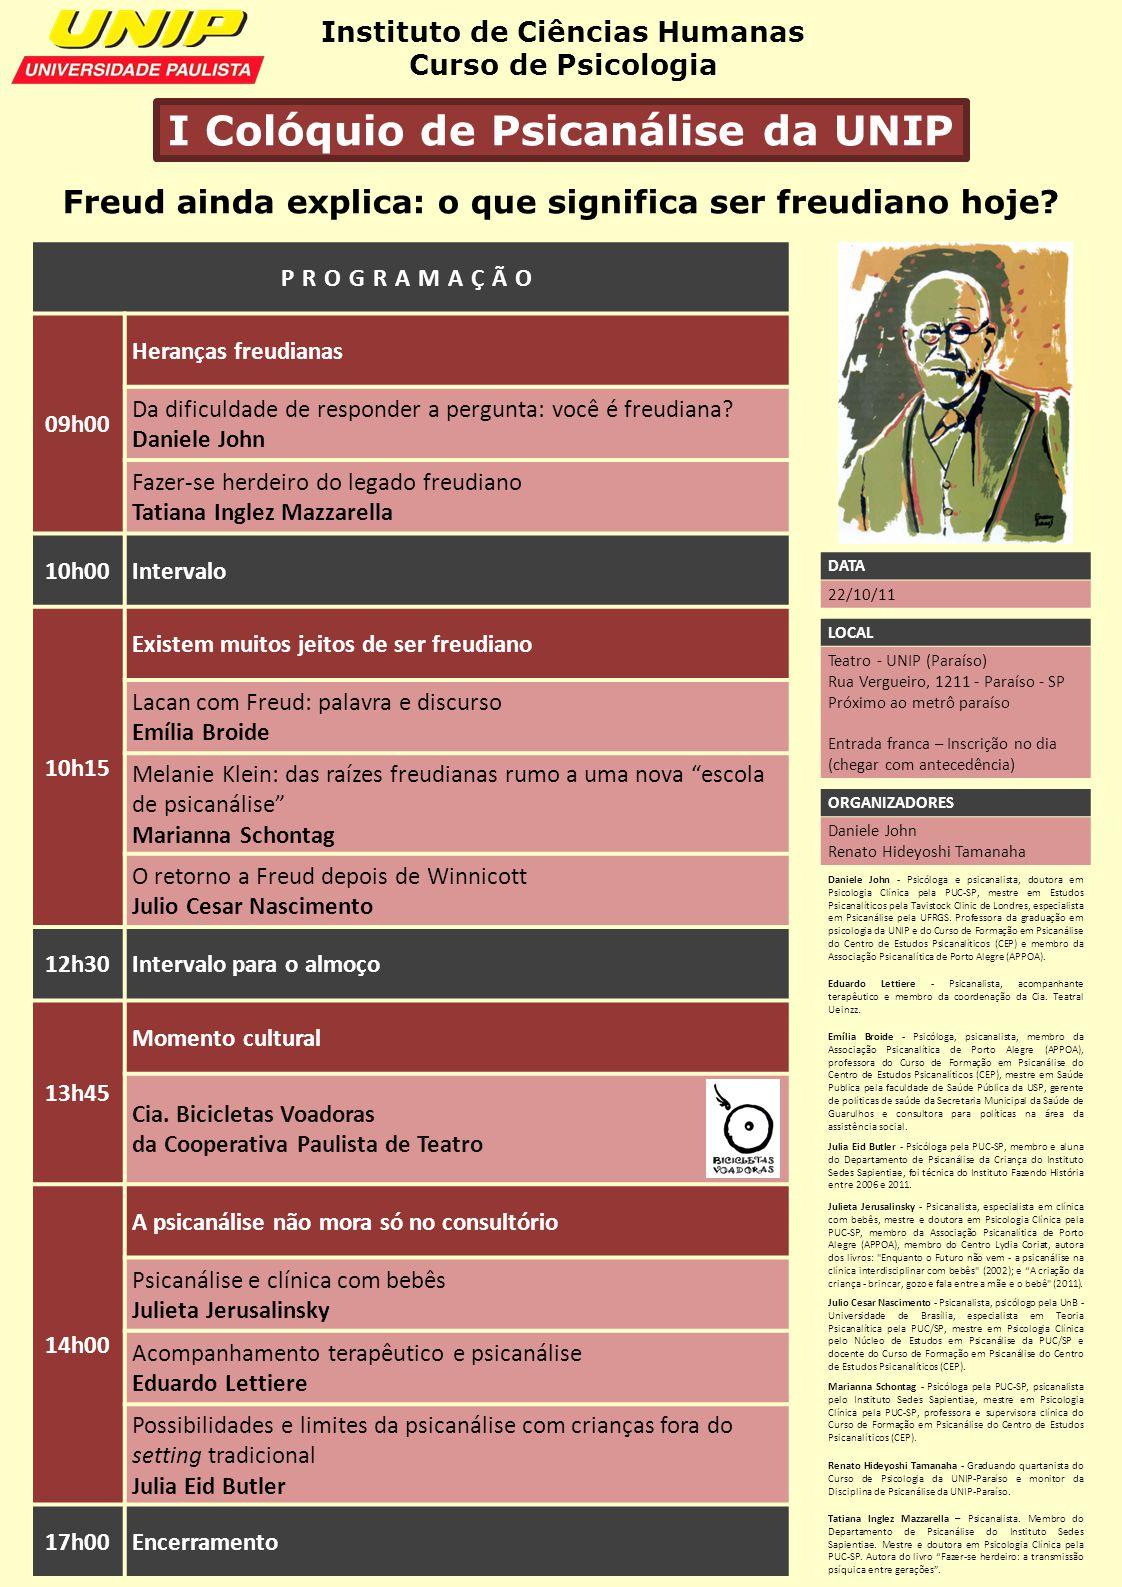 Freud ainda explica: o que significa ser freudiano hoje? Instituto de Ciências Humanas Curso de Psicologia I Colóquio de Psicanálise da UNIP PROGRAMAÇ